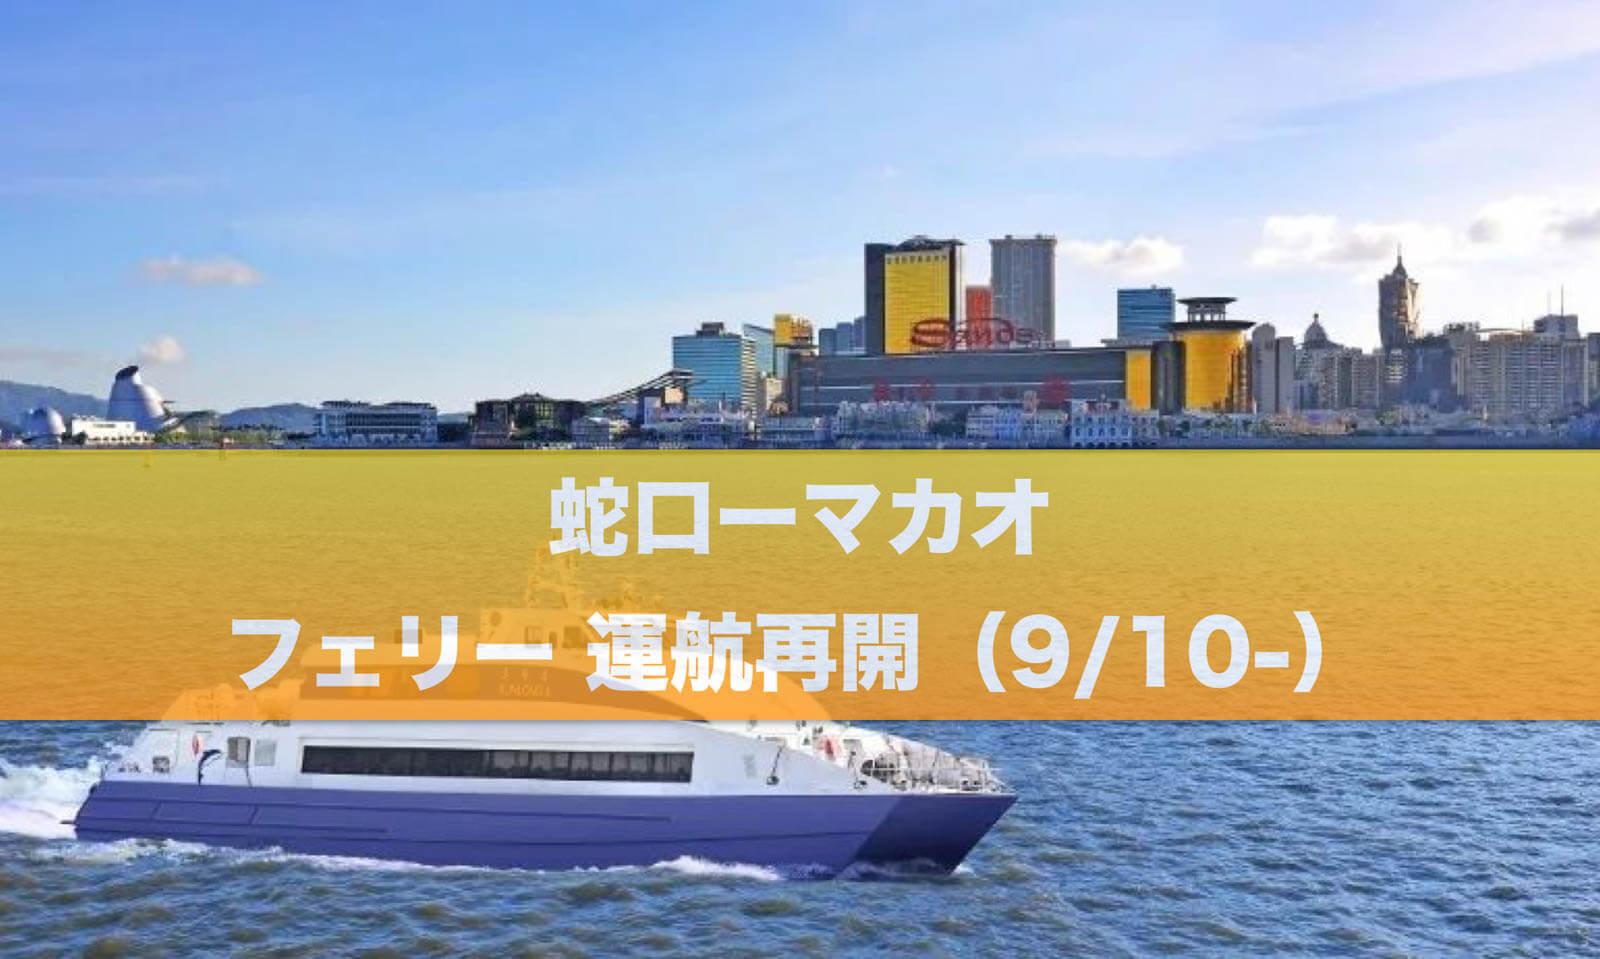 「深セン蛇口ーマカオ」フェリー運航再開!(9/10-)